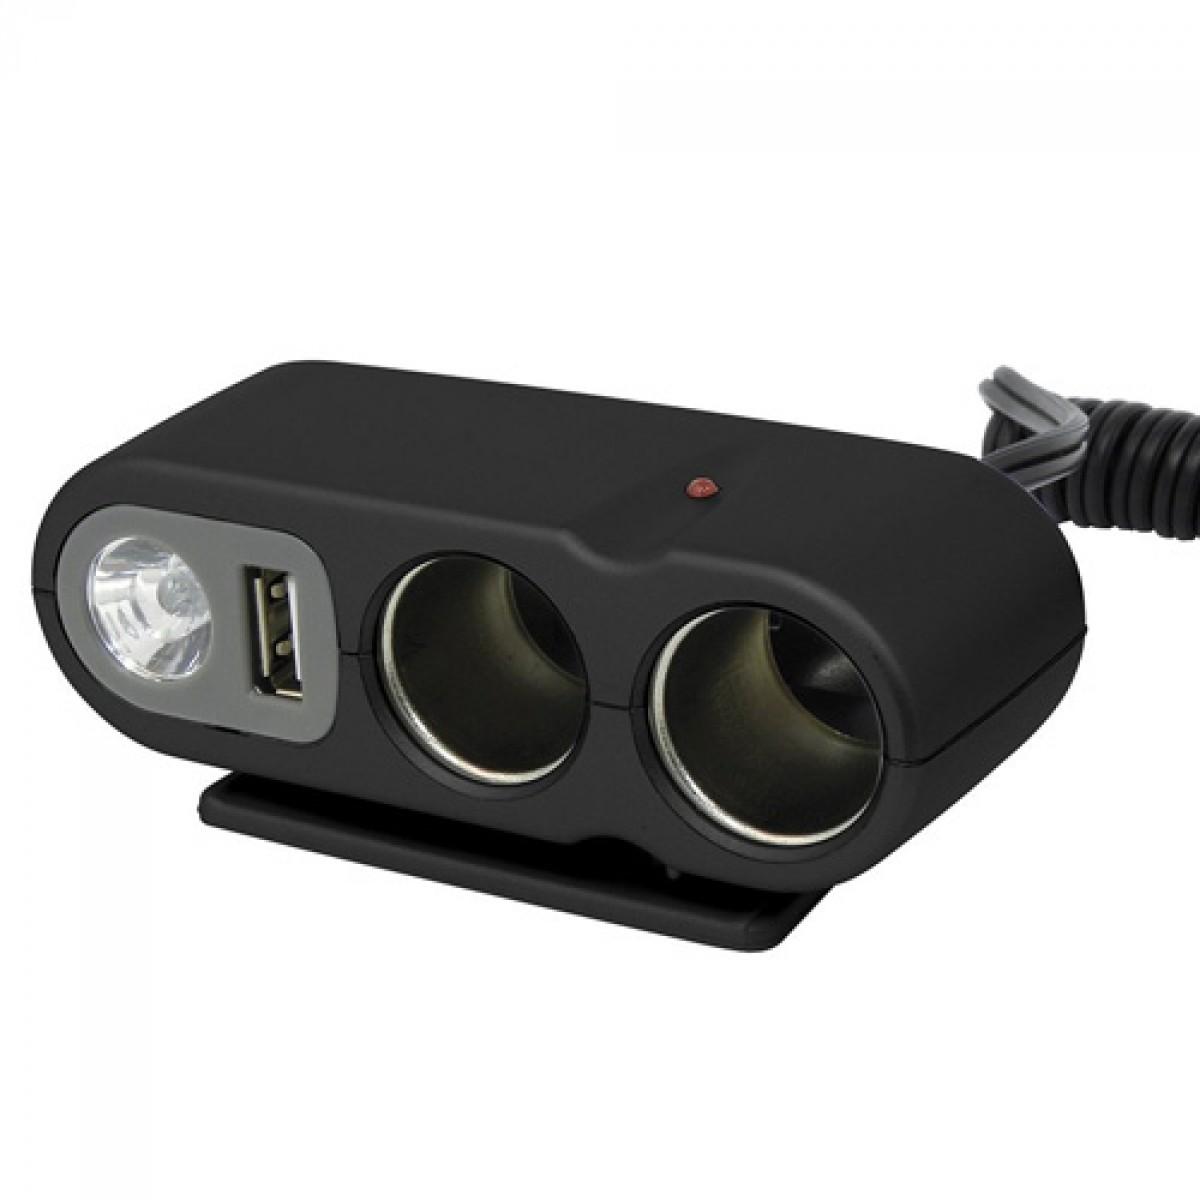 b0e21af4e0 SZIVARGYÚJTÓ ELOSZTÓ 2-ES + USB + VILÁGÍTÁS - - BELSŐ | Játék ...